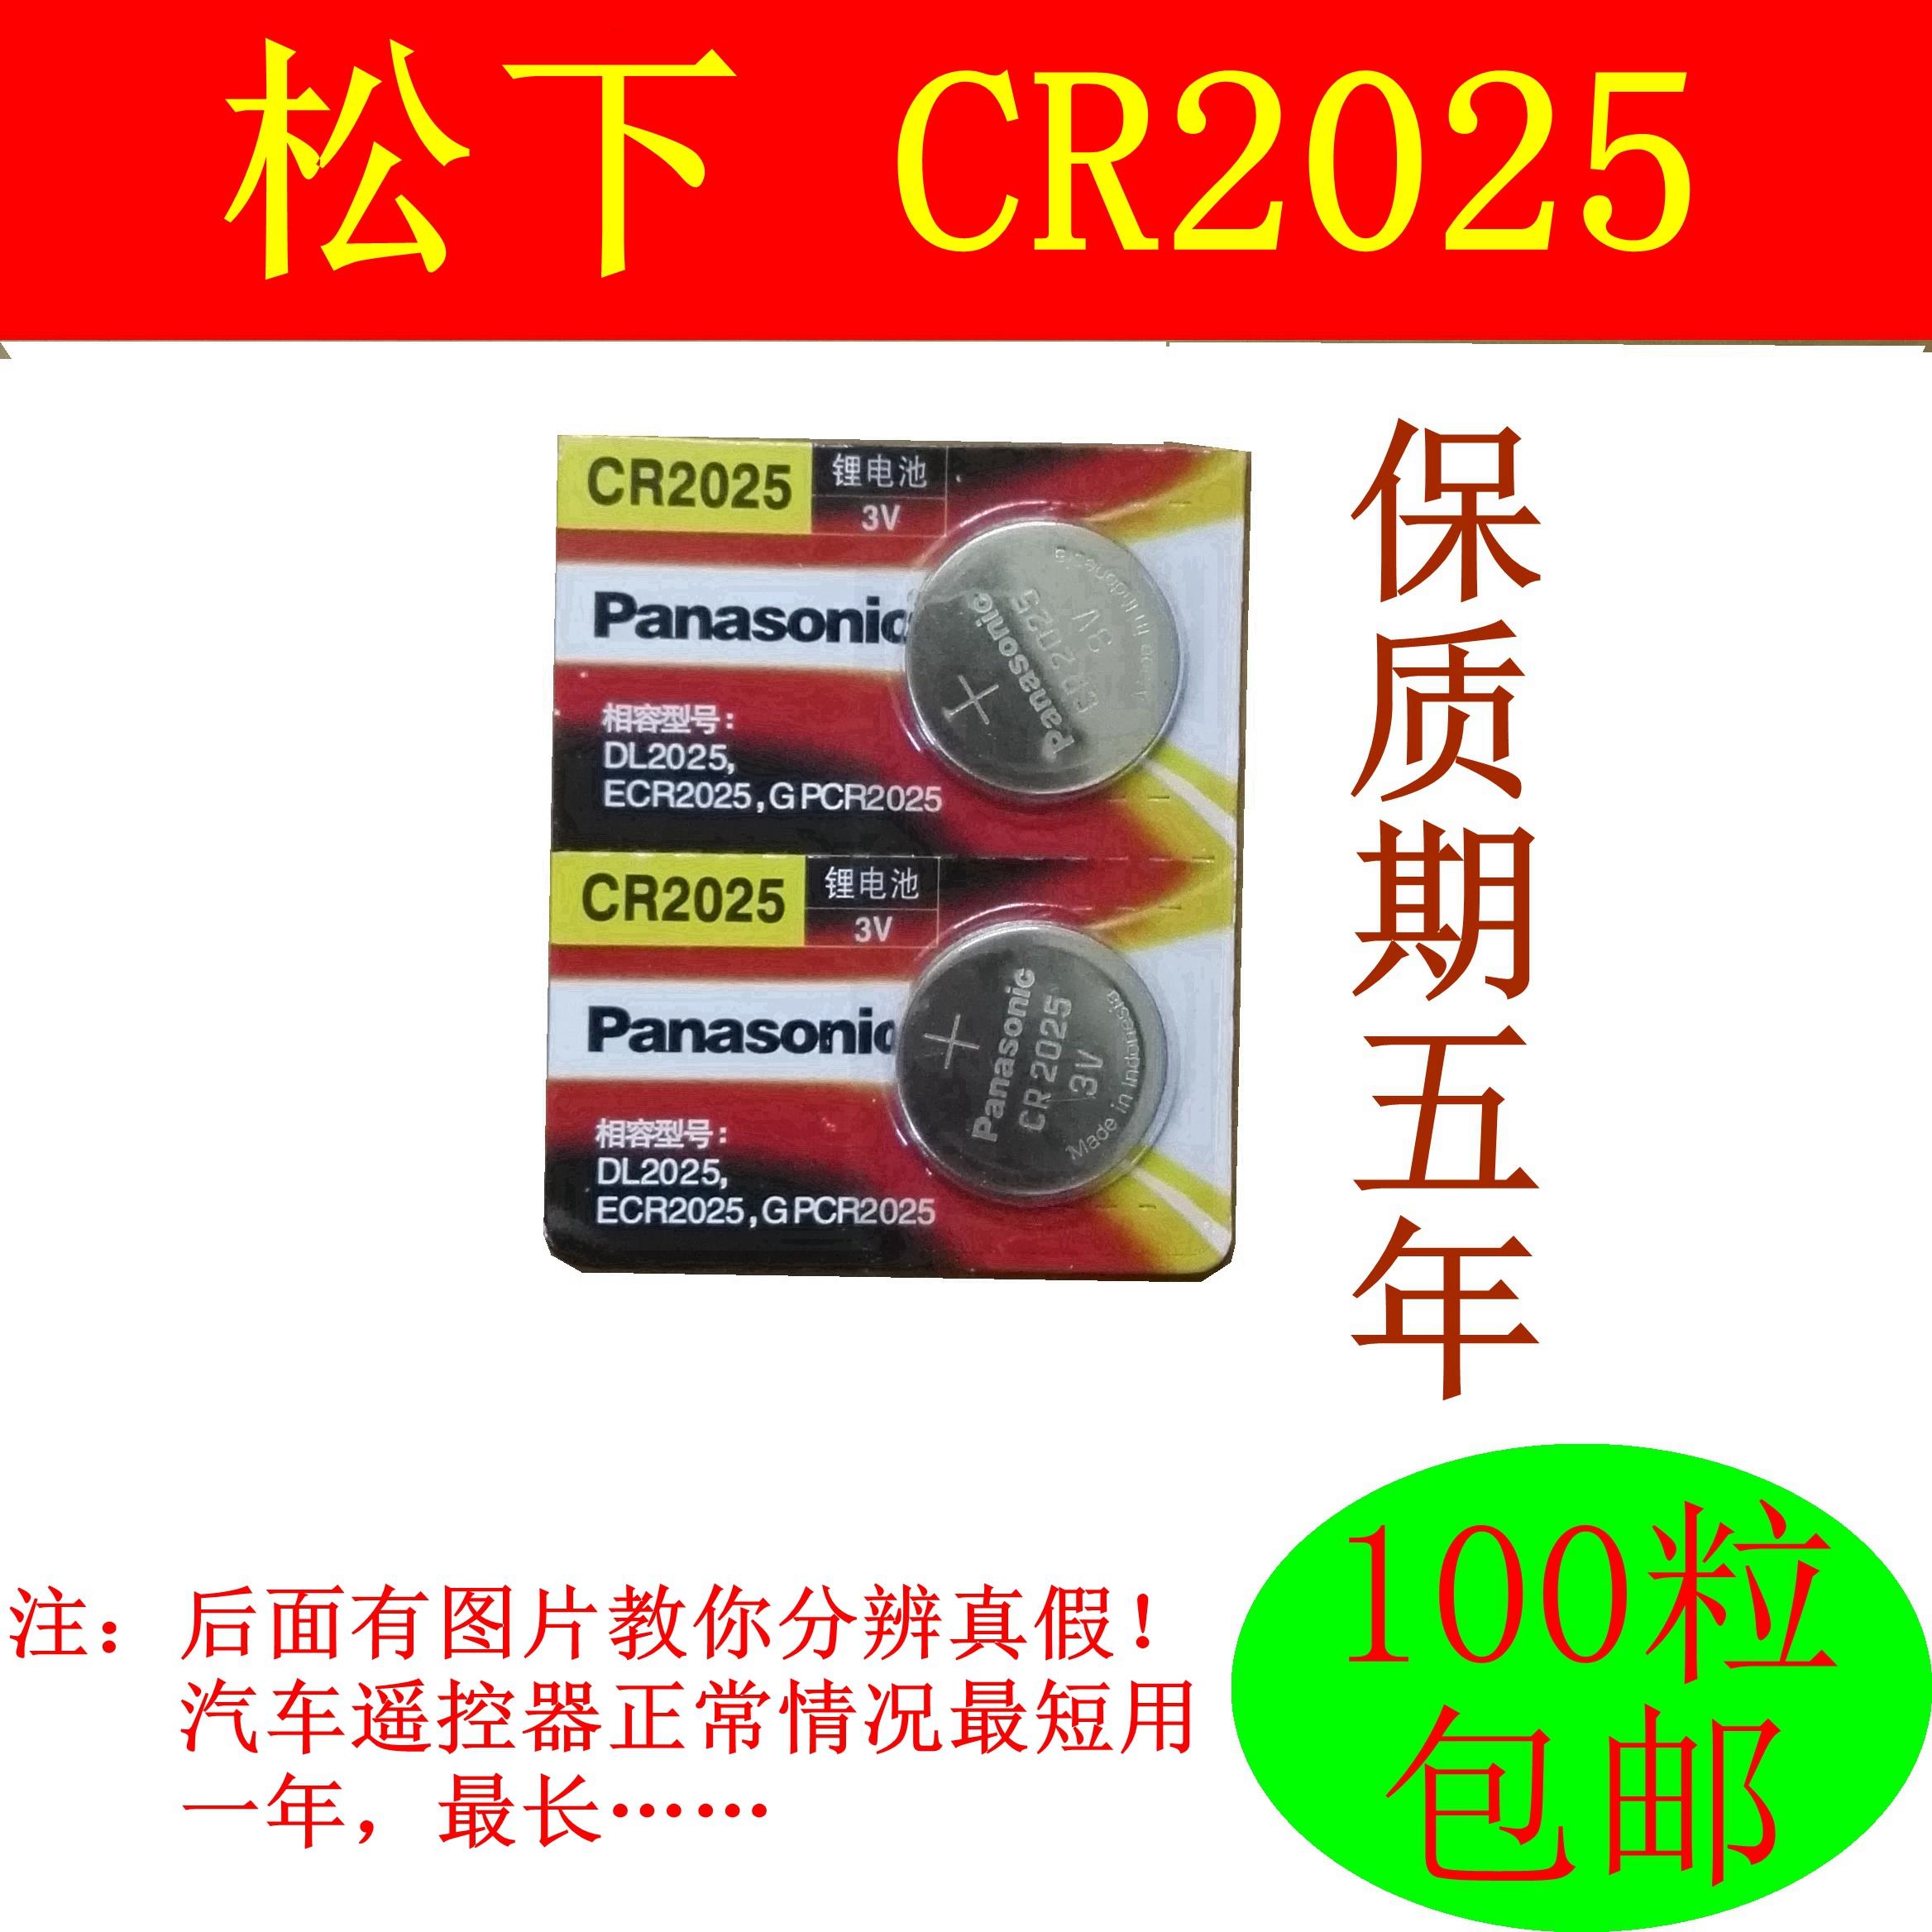 松下CR2025 电池锂离子松下2025 纽扣电池3V  汽车遥控器电池